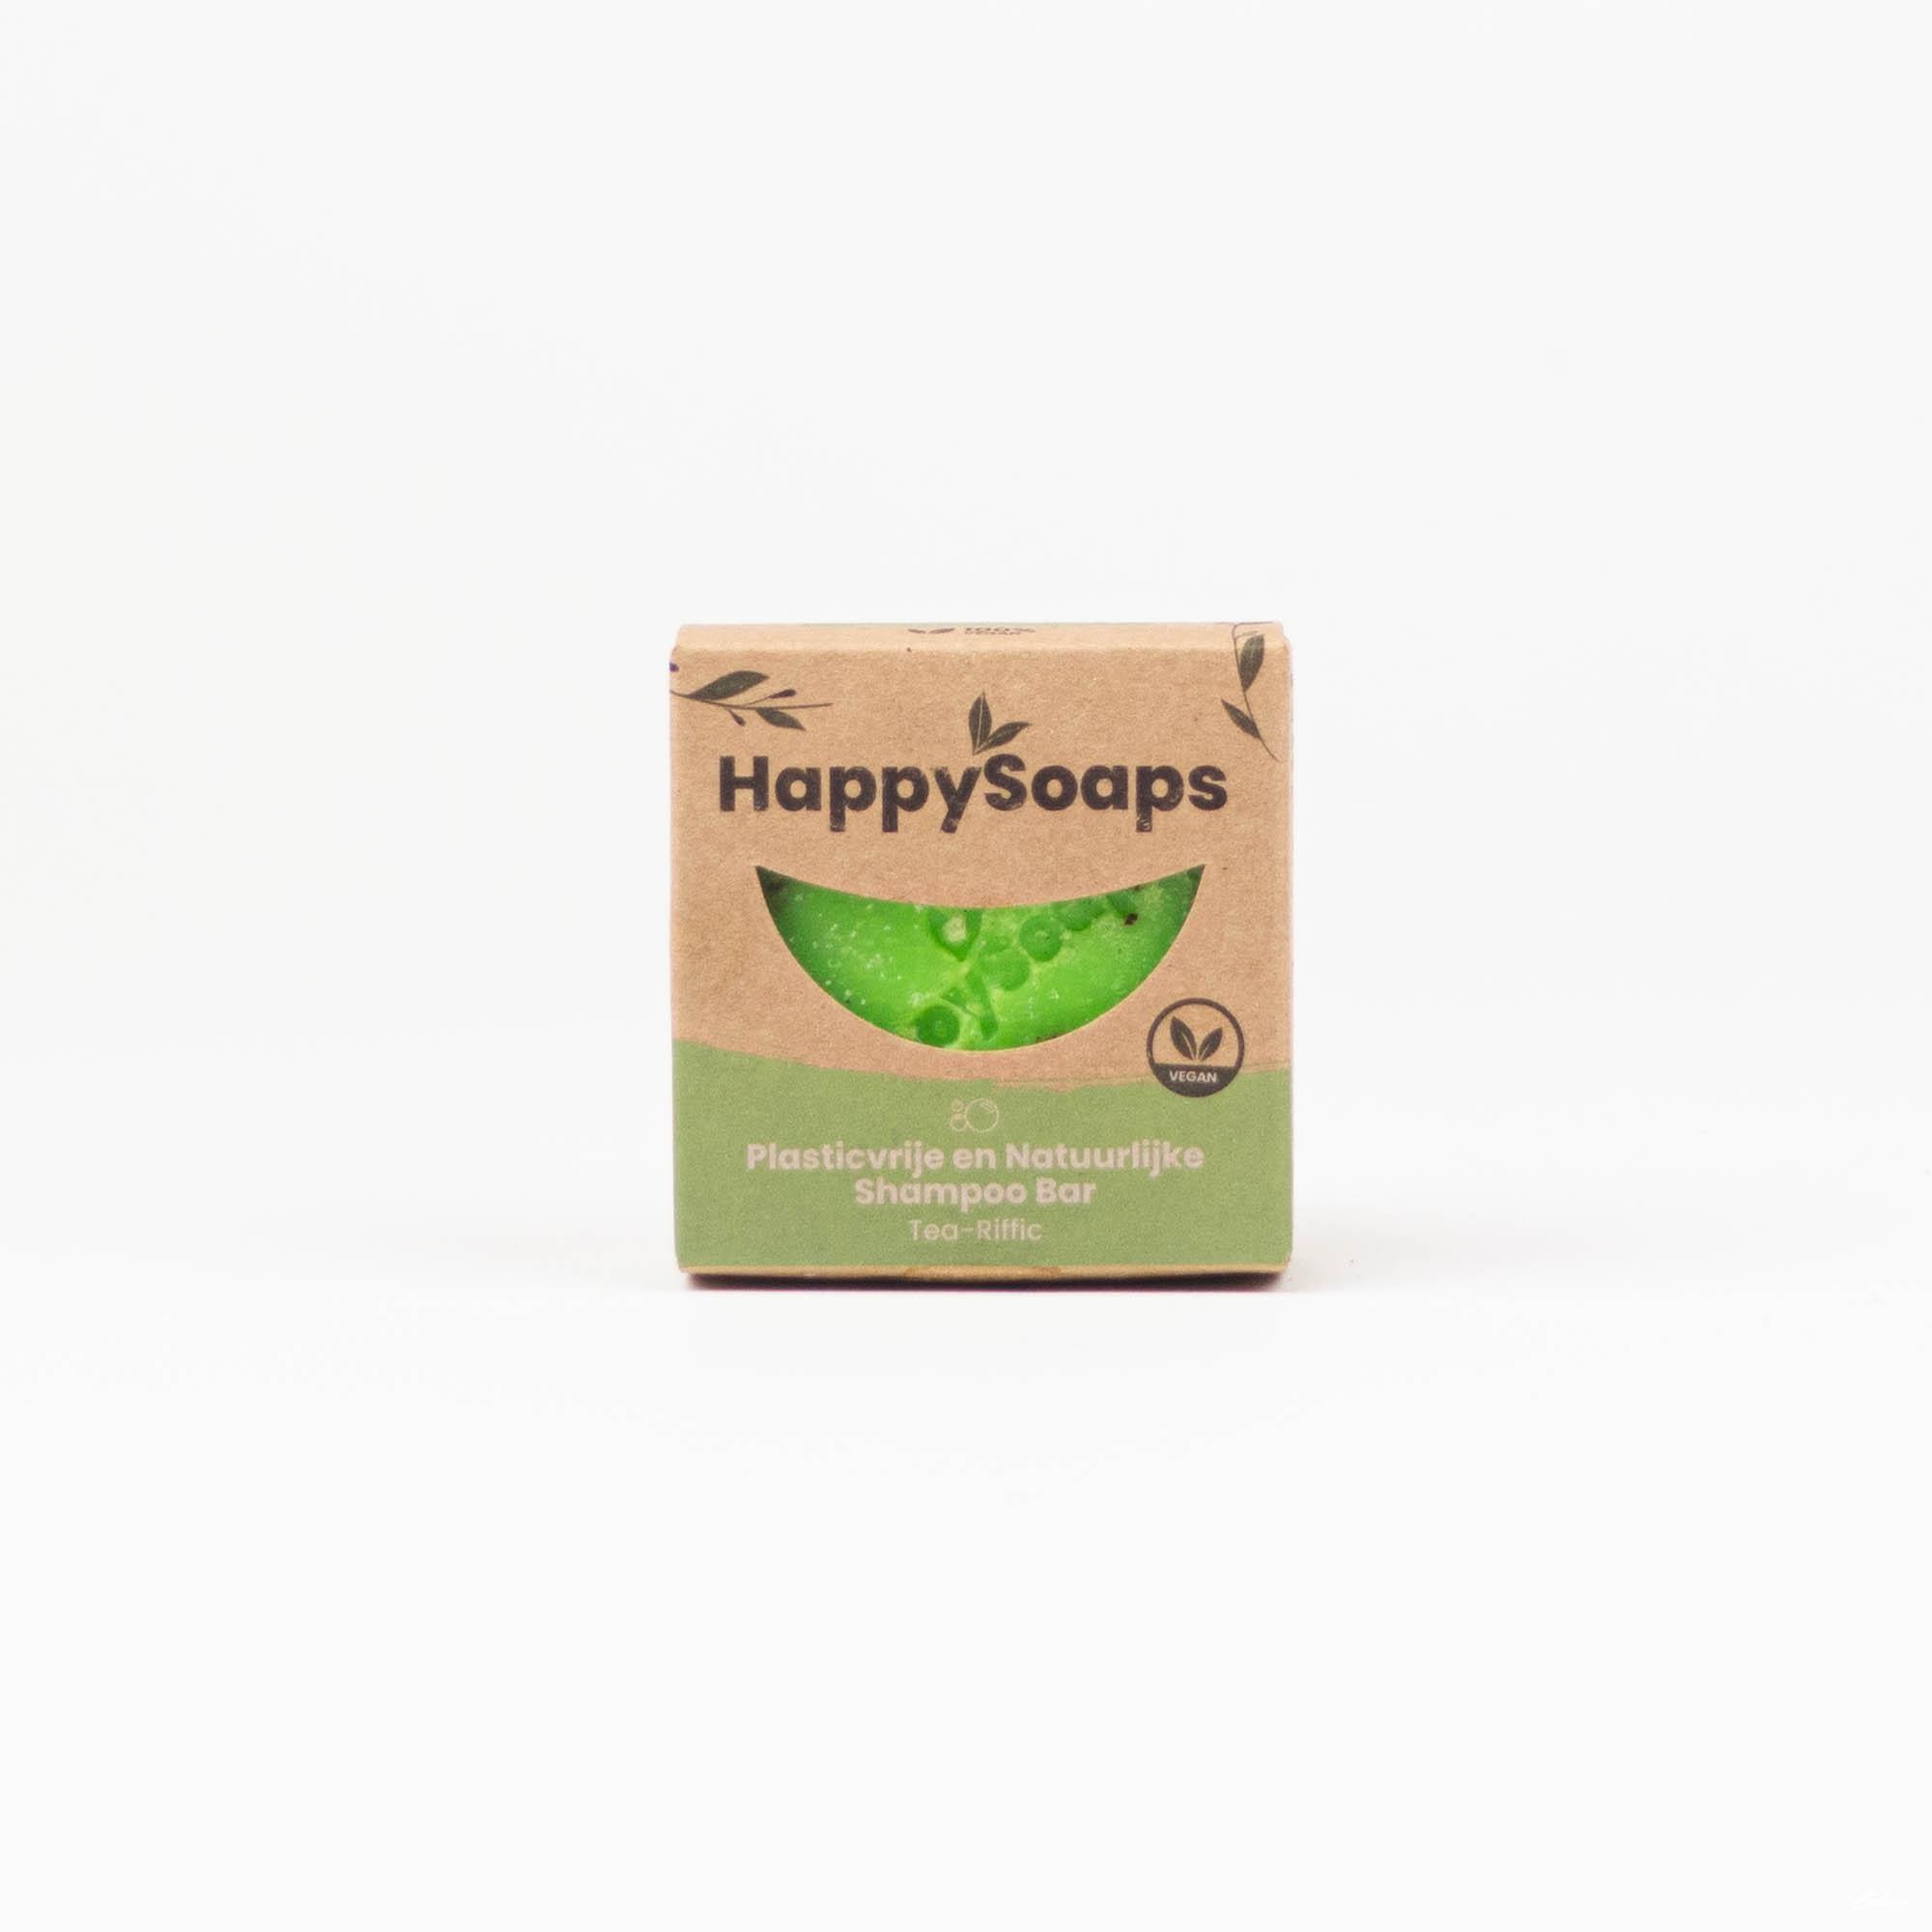 Happysoaps Shampoo Bars Tea-Riffic steeds aan de besten prijzen bij Wave Thirteen!